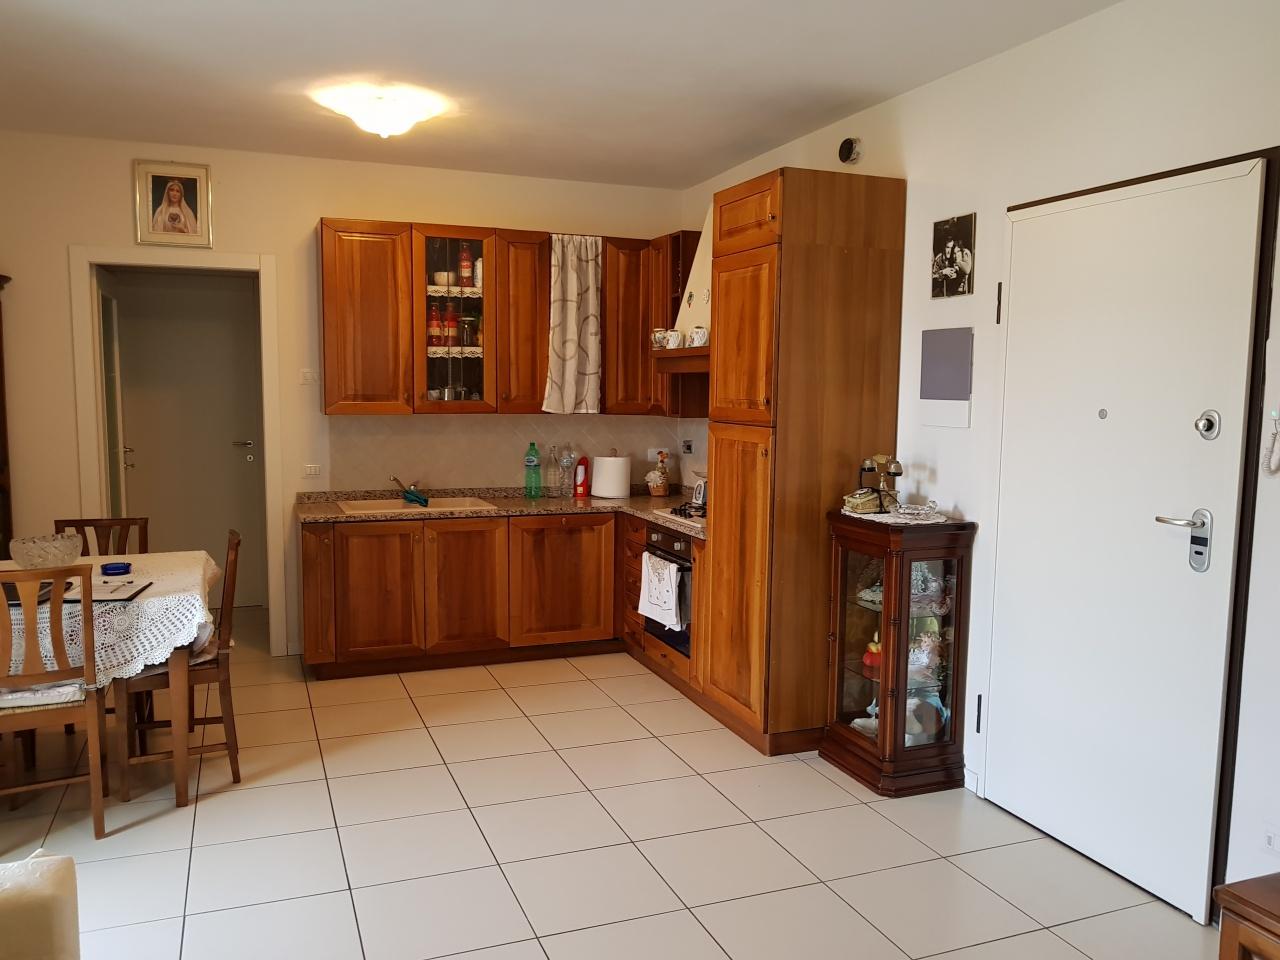 Appartamento in vendita a Montemurlo, 2 locali, prezzo € 149.000 | PortaleAgenzieImmobiliari.it